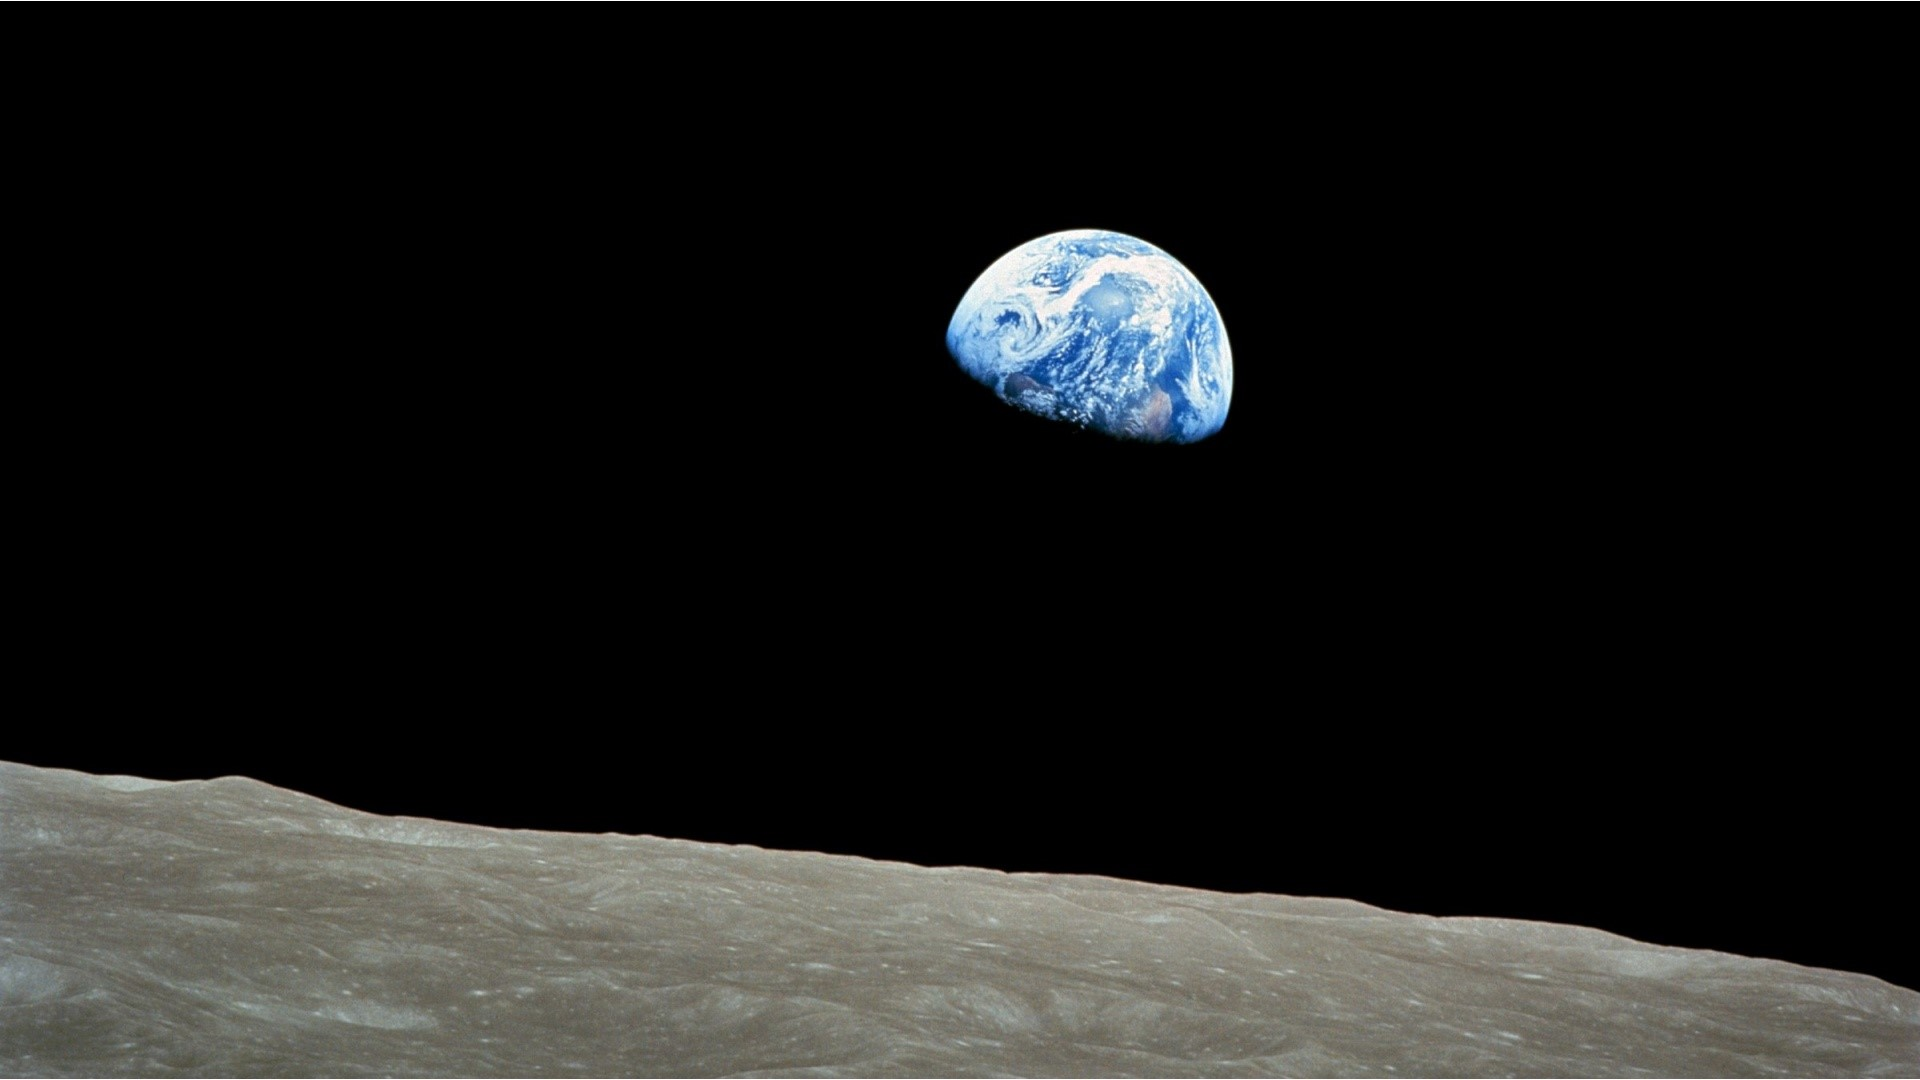 Fondos de pantalla de la Tierra ag